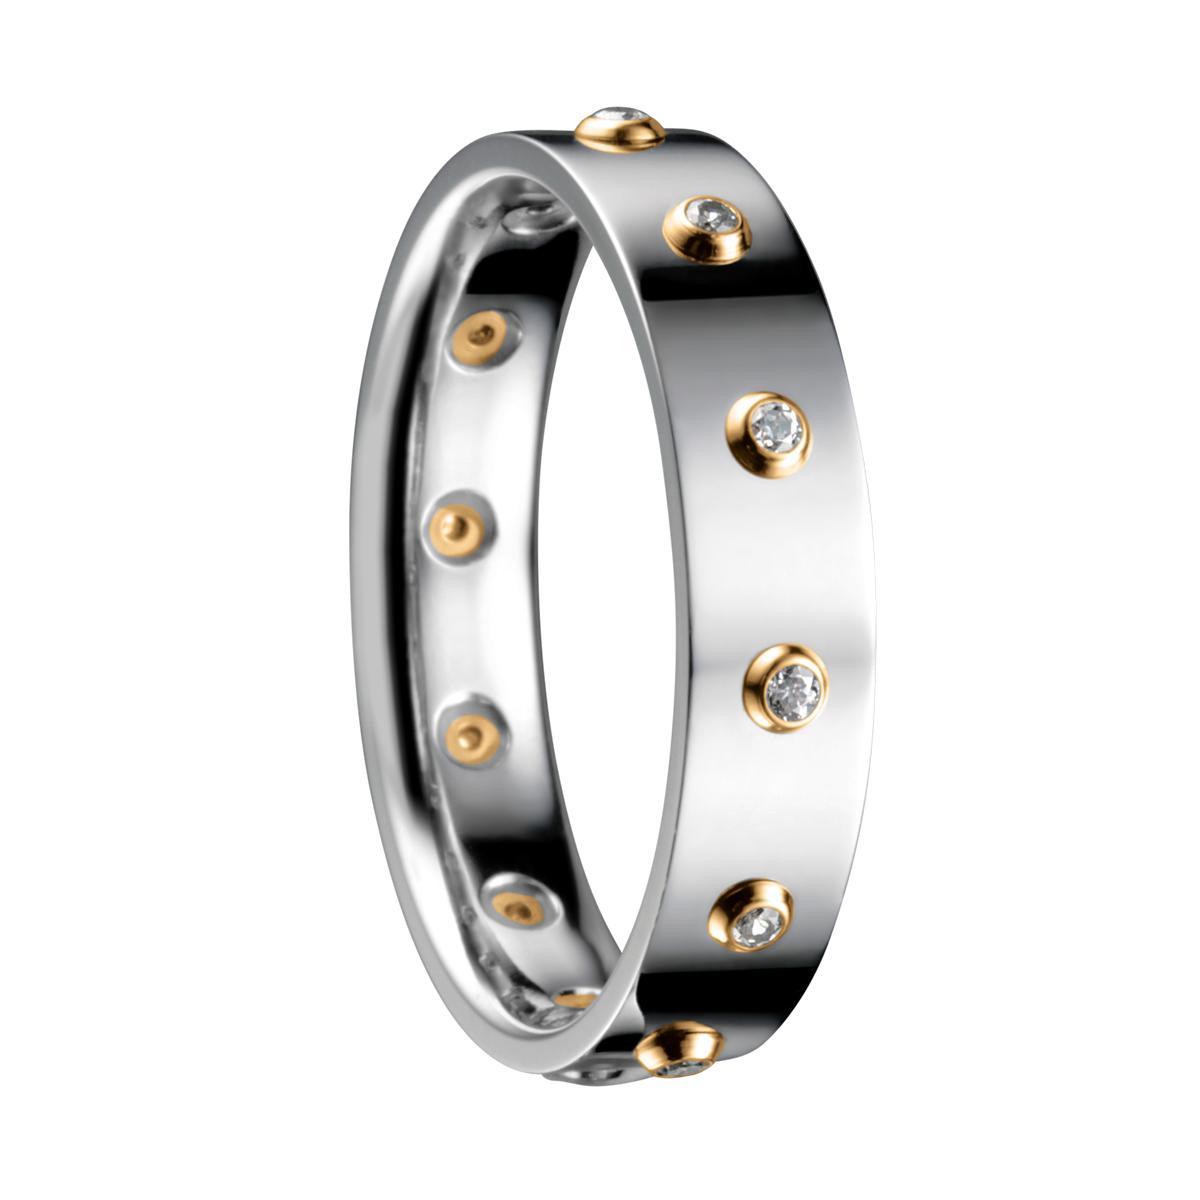 Bering Inner Ring 5551292 1